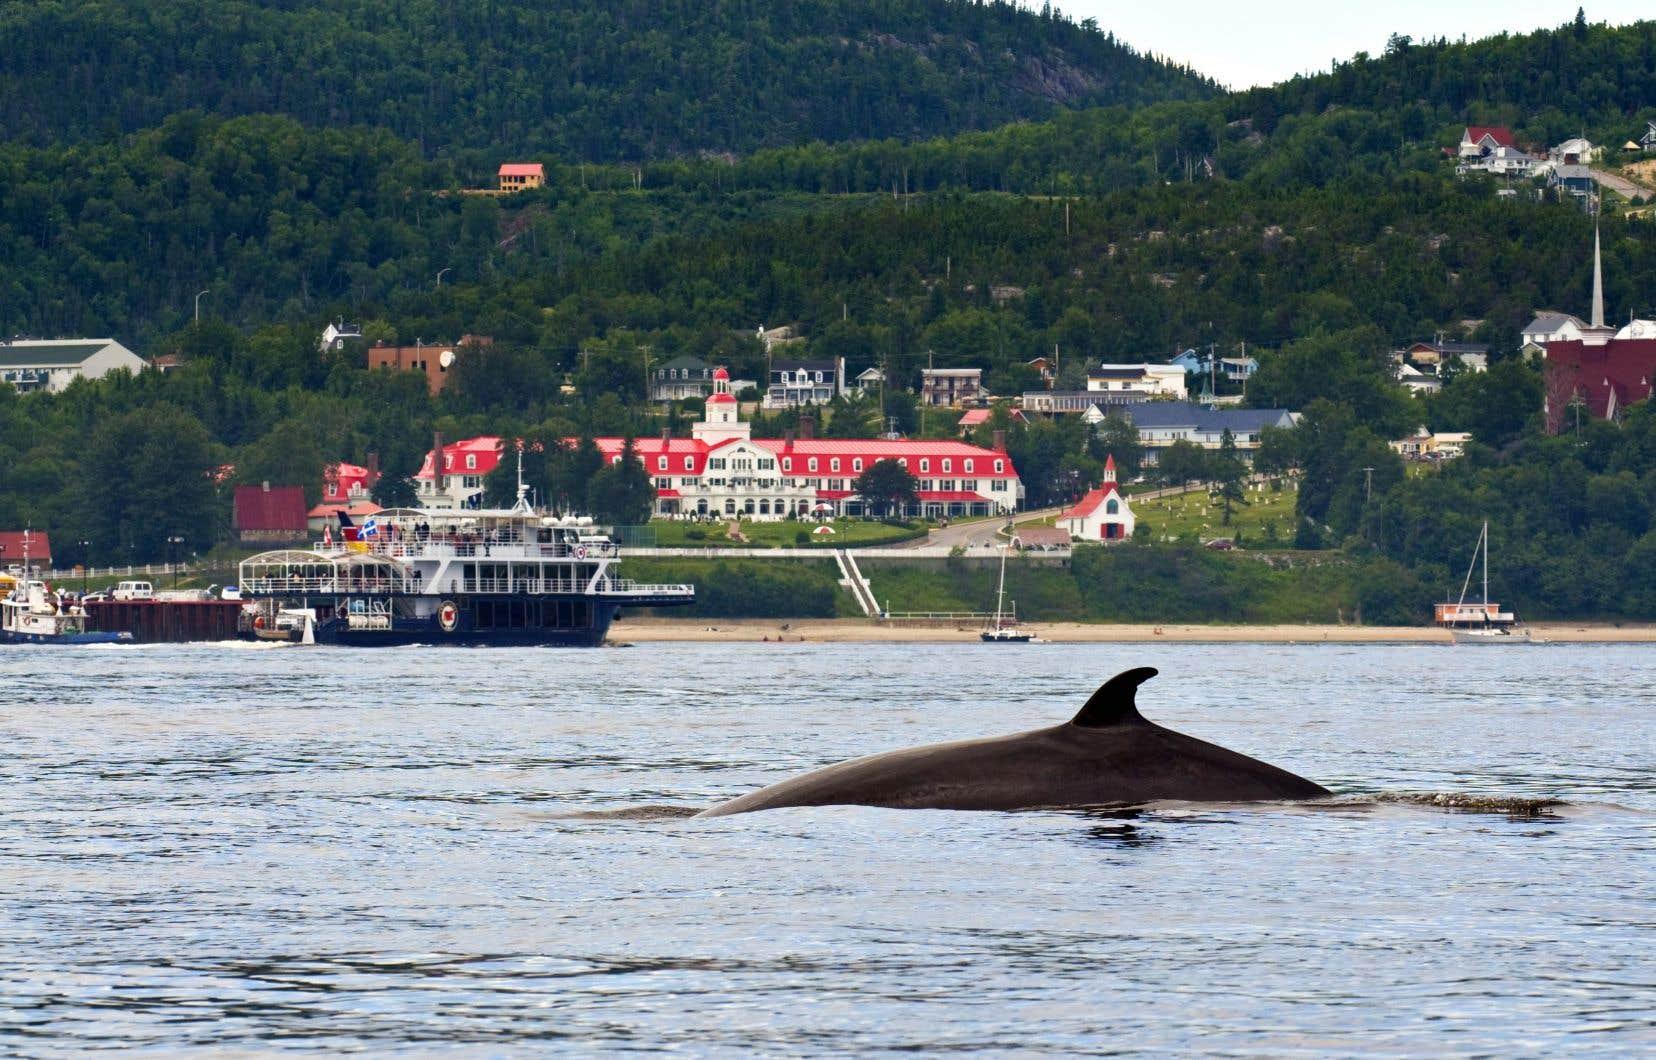 La porte d'entrée de la Côte-Nord est le village de Tadoussac, qui est aussi le point de départ de la route des Baleines et l'endroit par excellence pour observer ces mammifères marins.